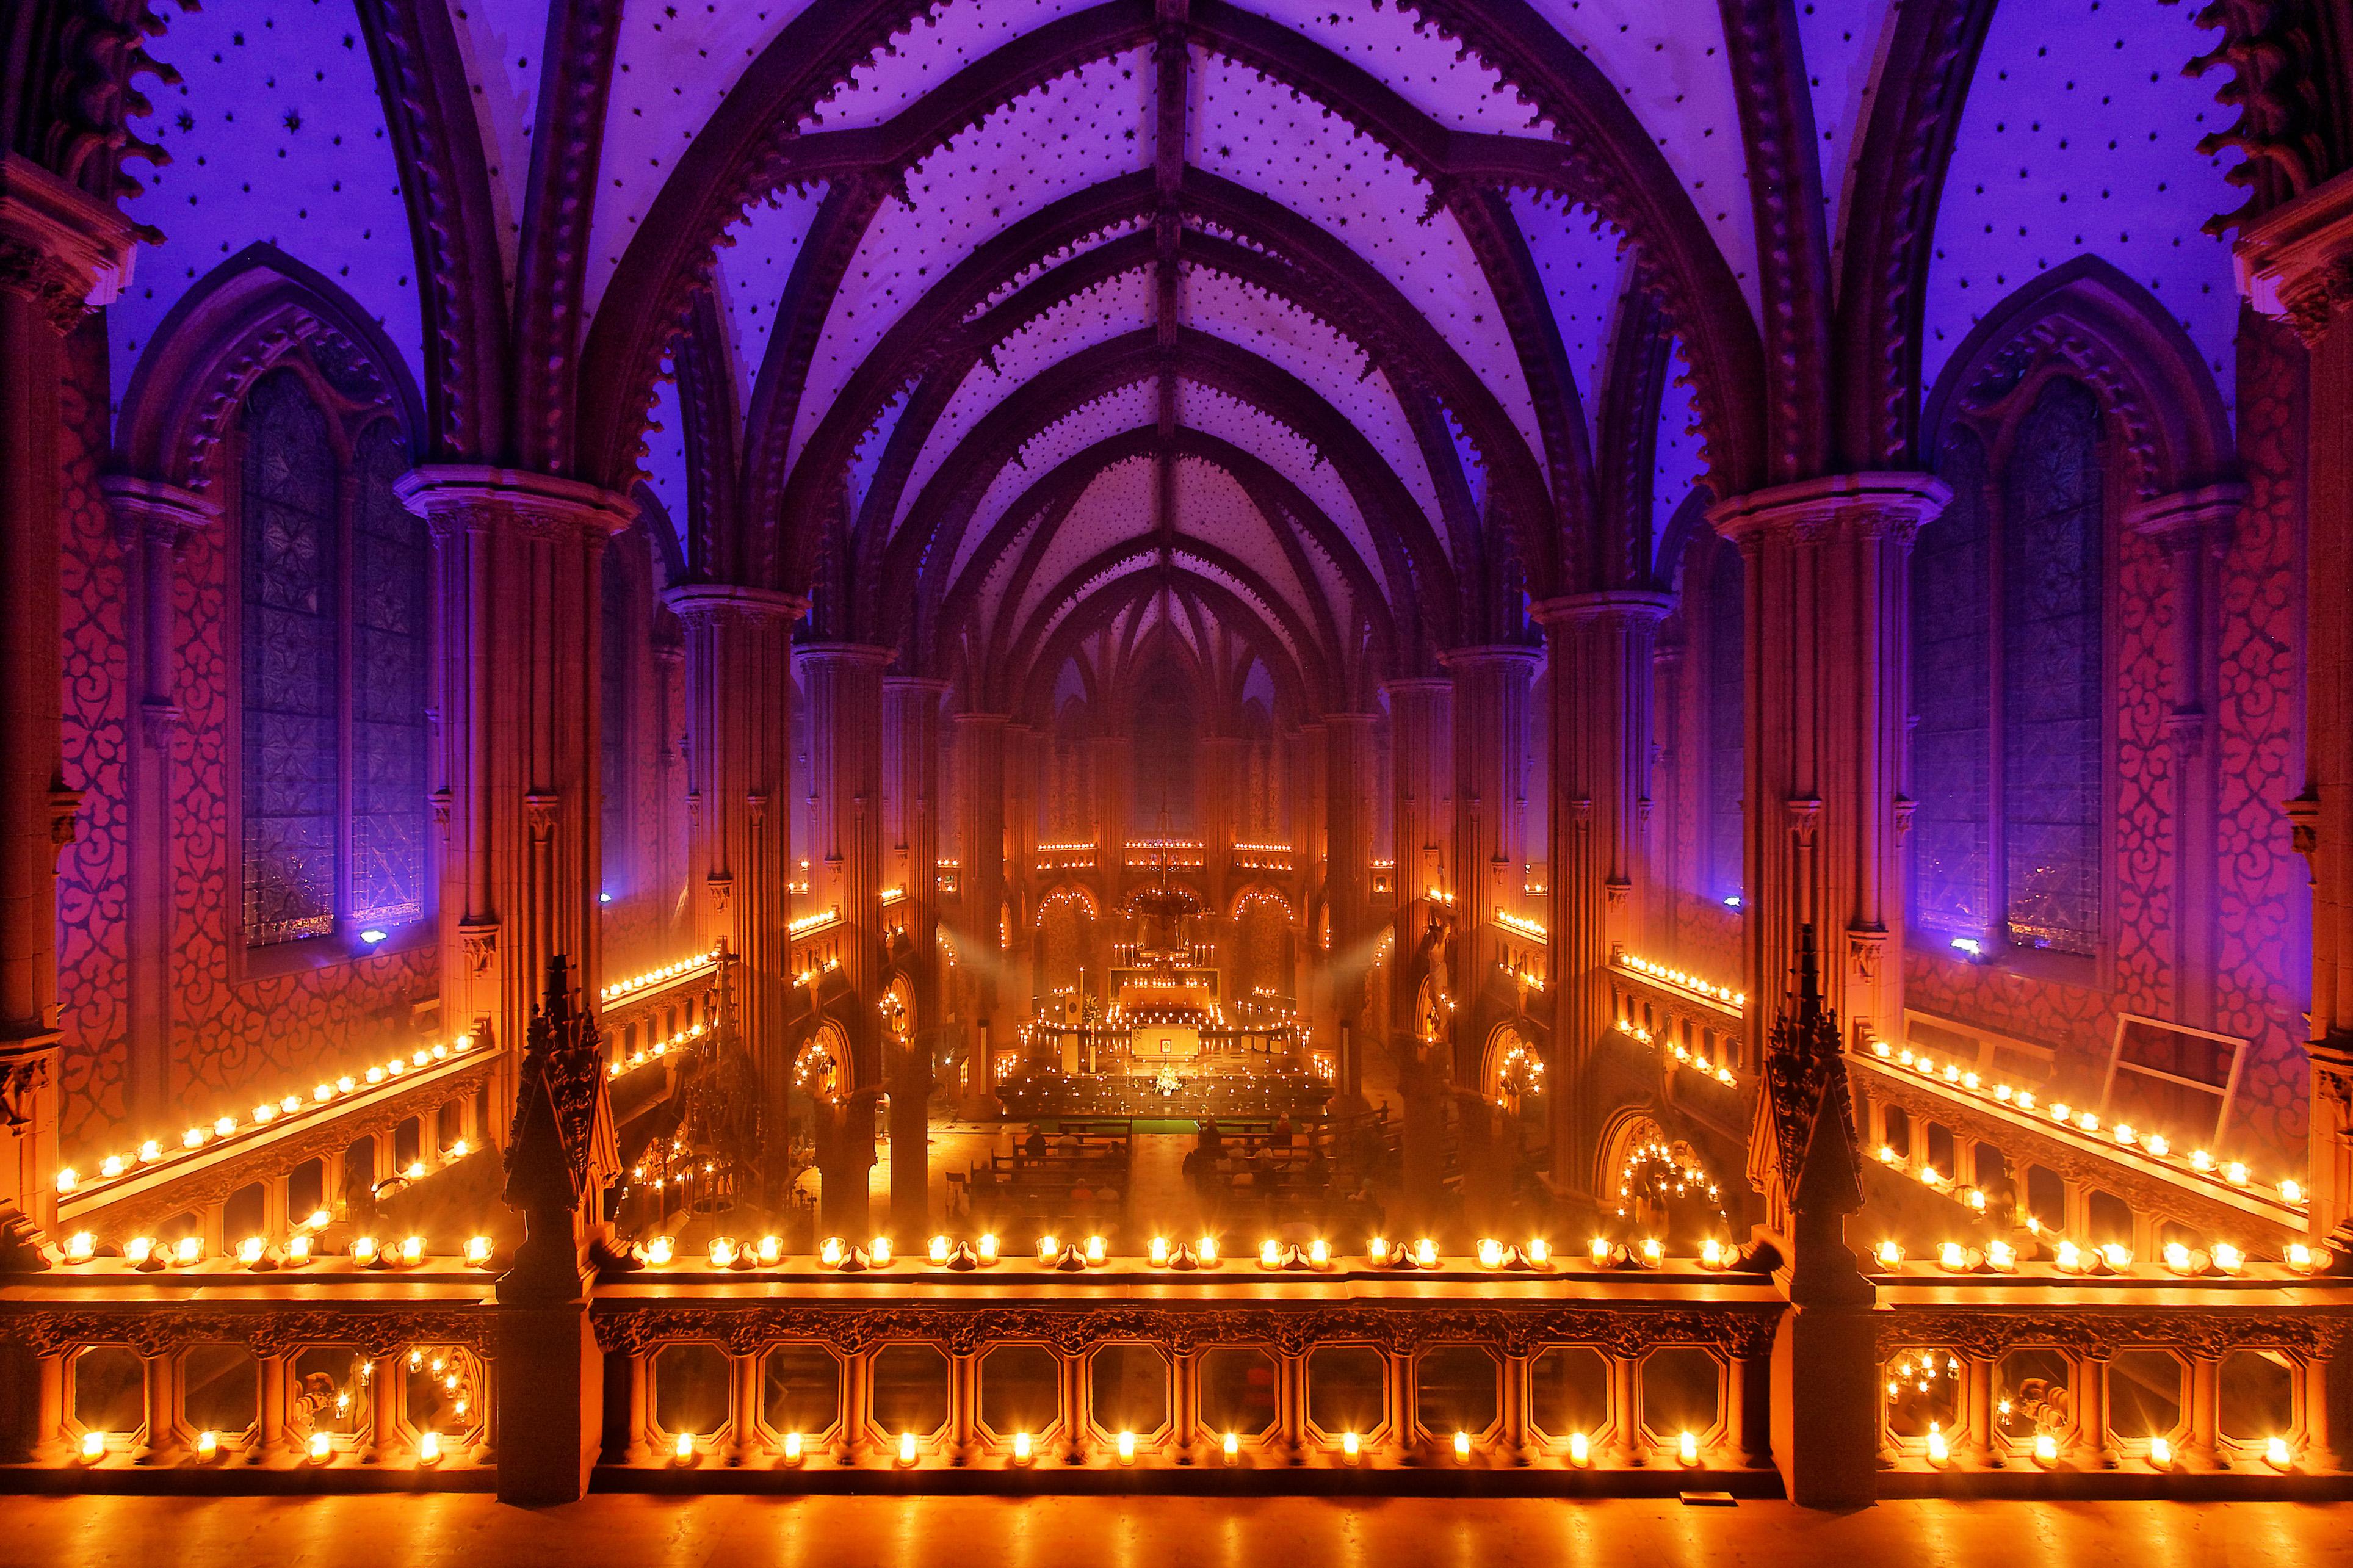 La cathédrale de Noyon illuminée